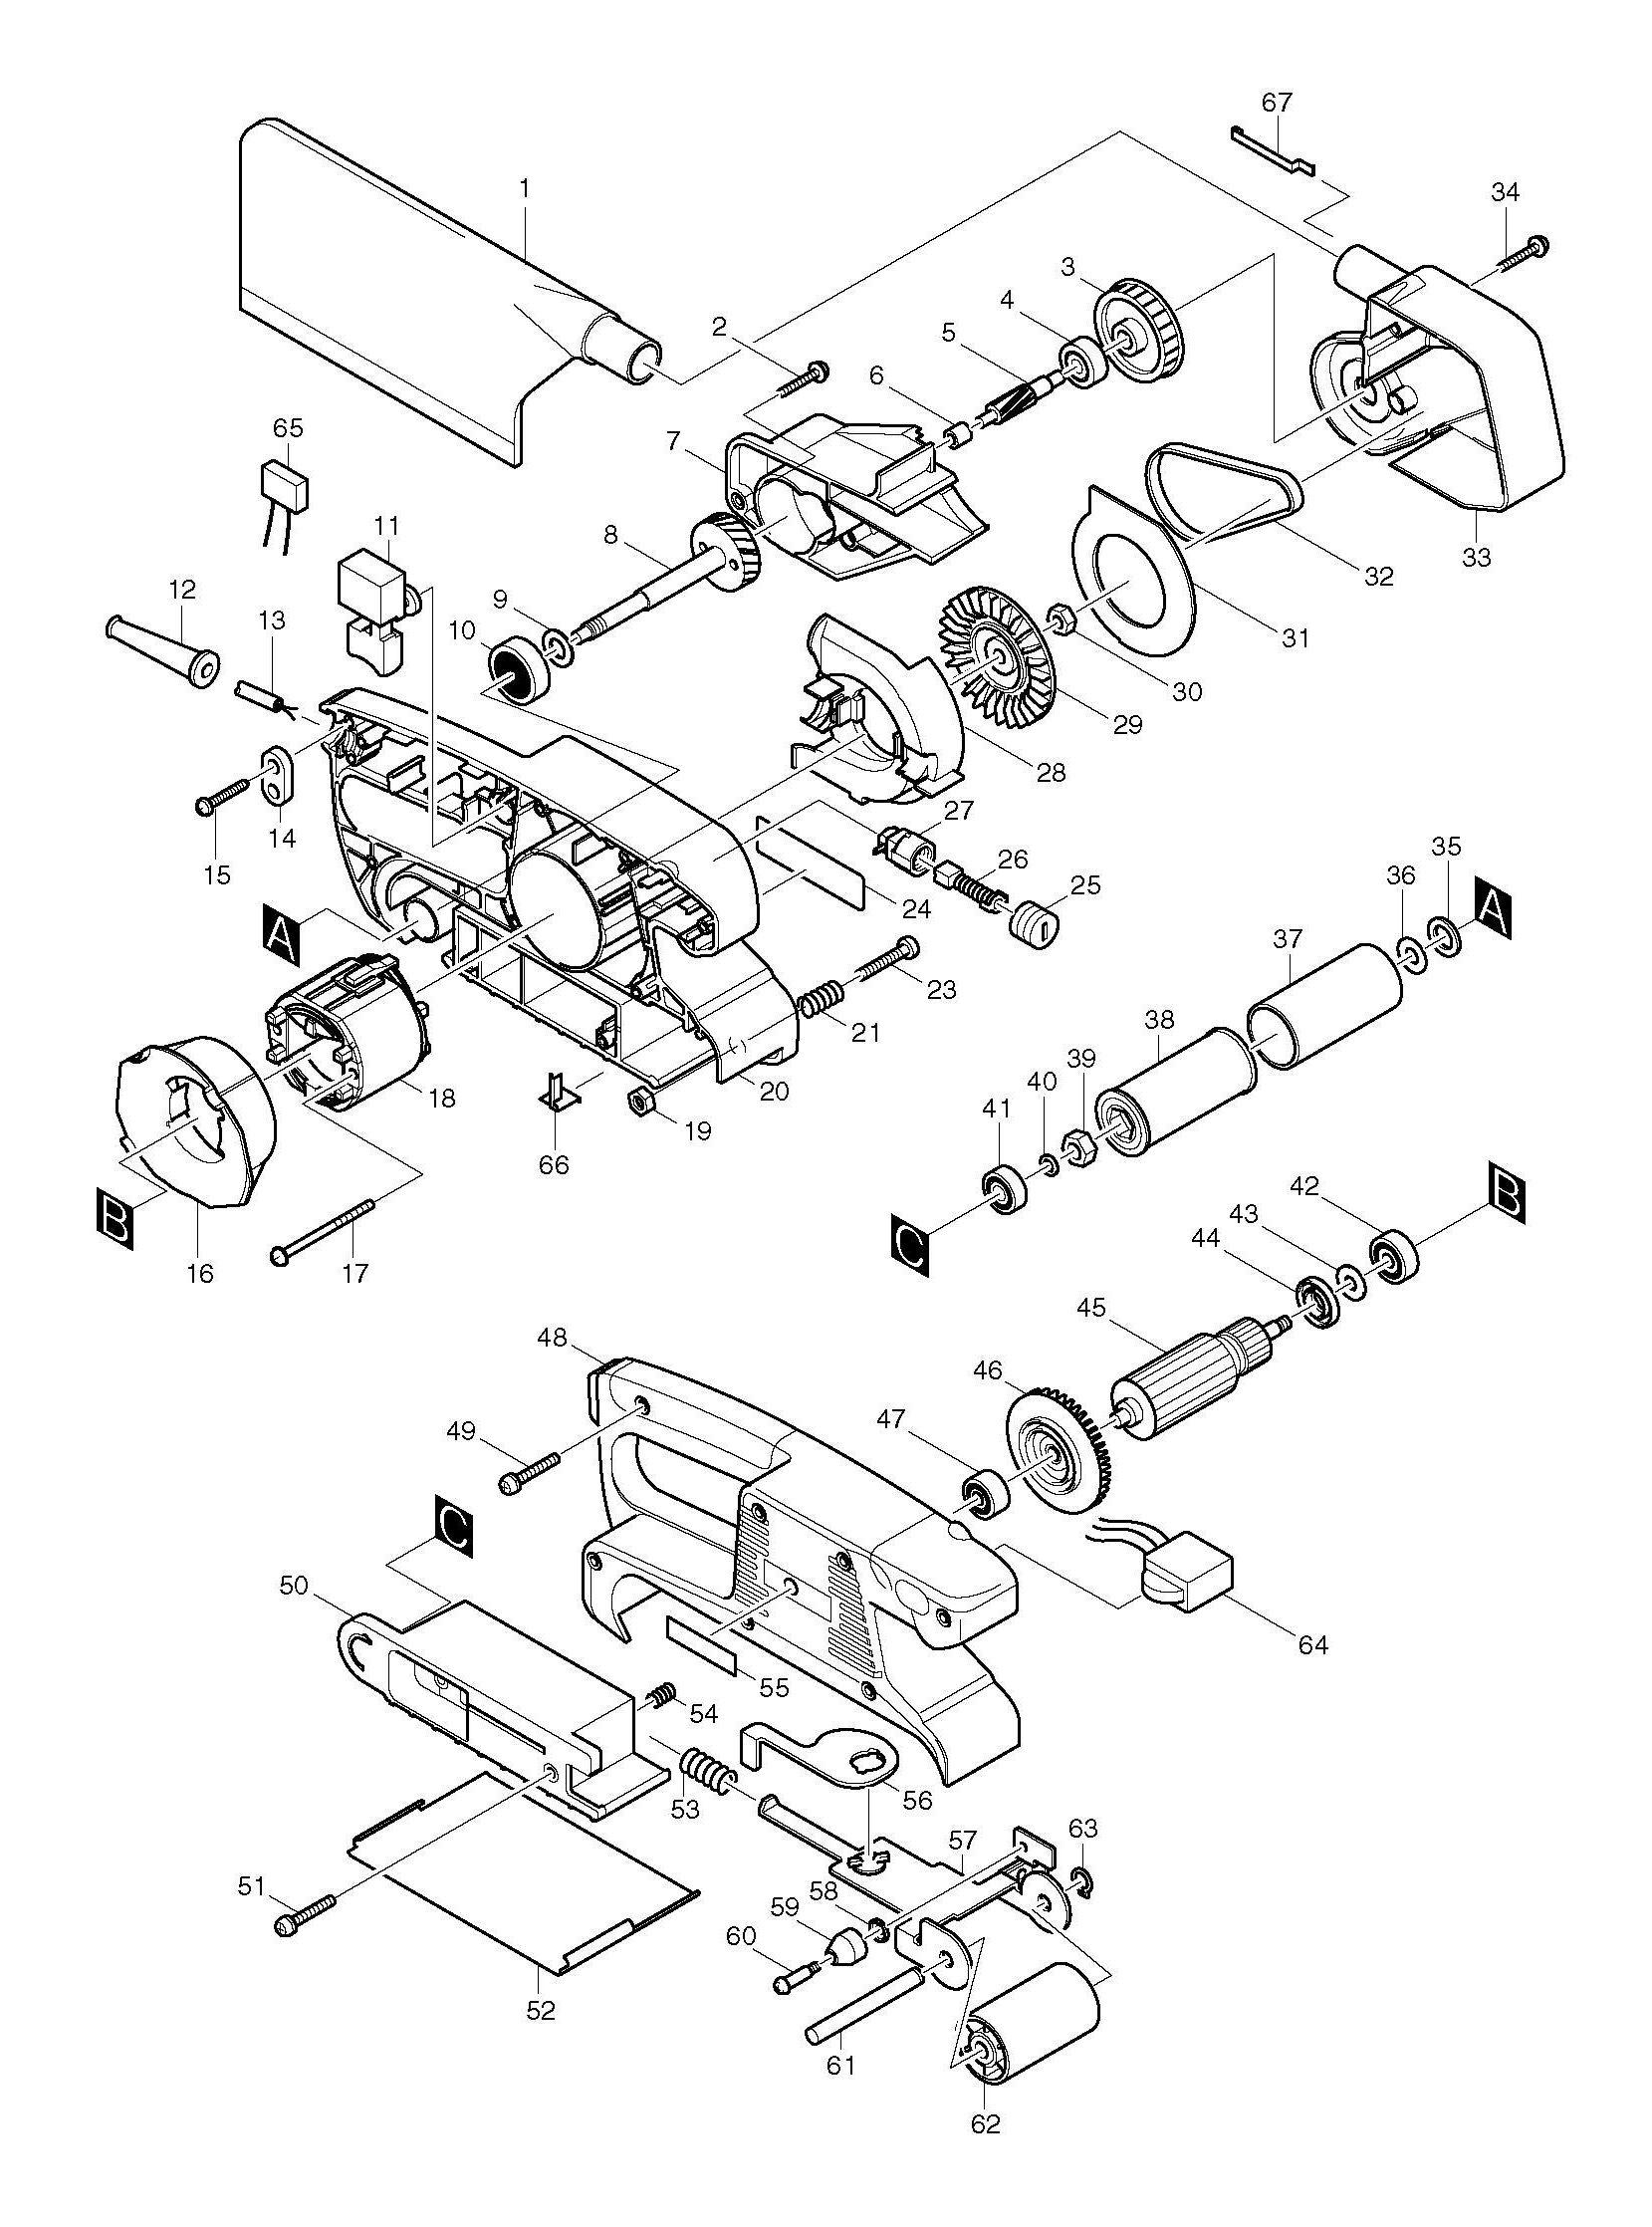 Spares for Makita 9911 Belt Sander 76x457mm SPARE_9911